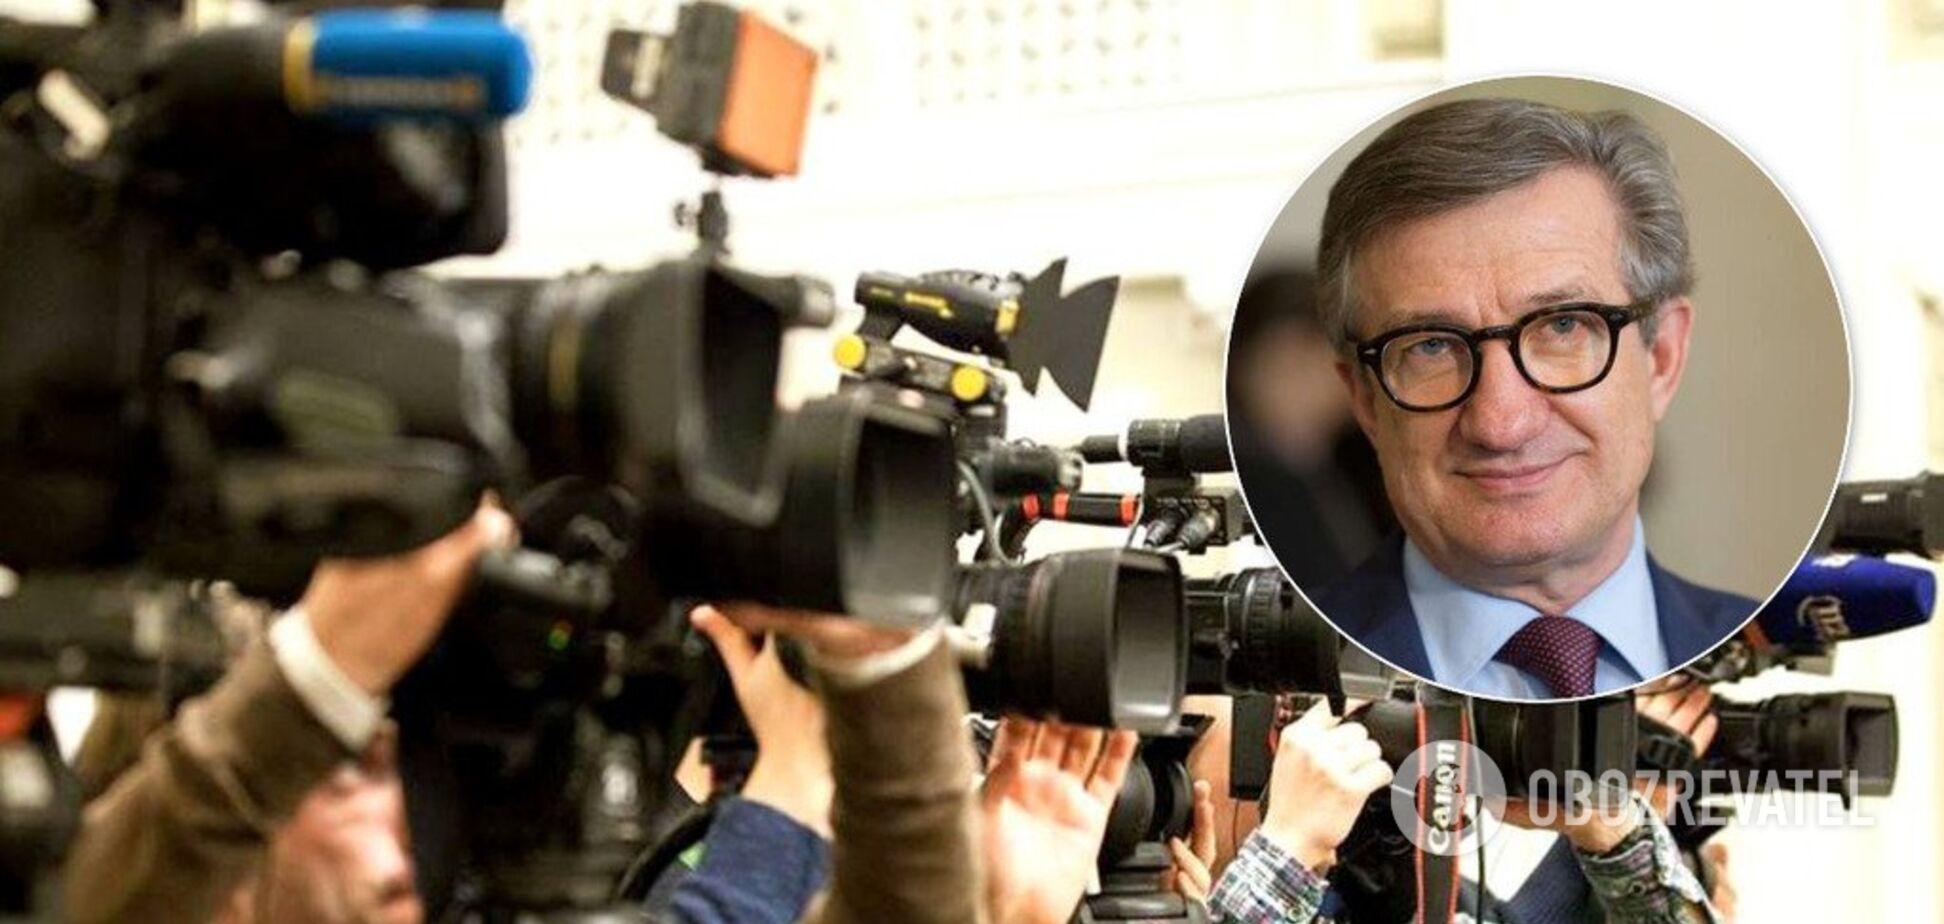 'Потрібно говорити з журналістами!' Тарута жорстко розкритикував закон 'Про медіа'